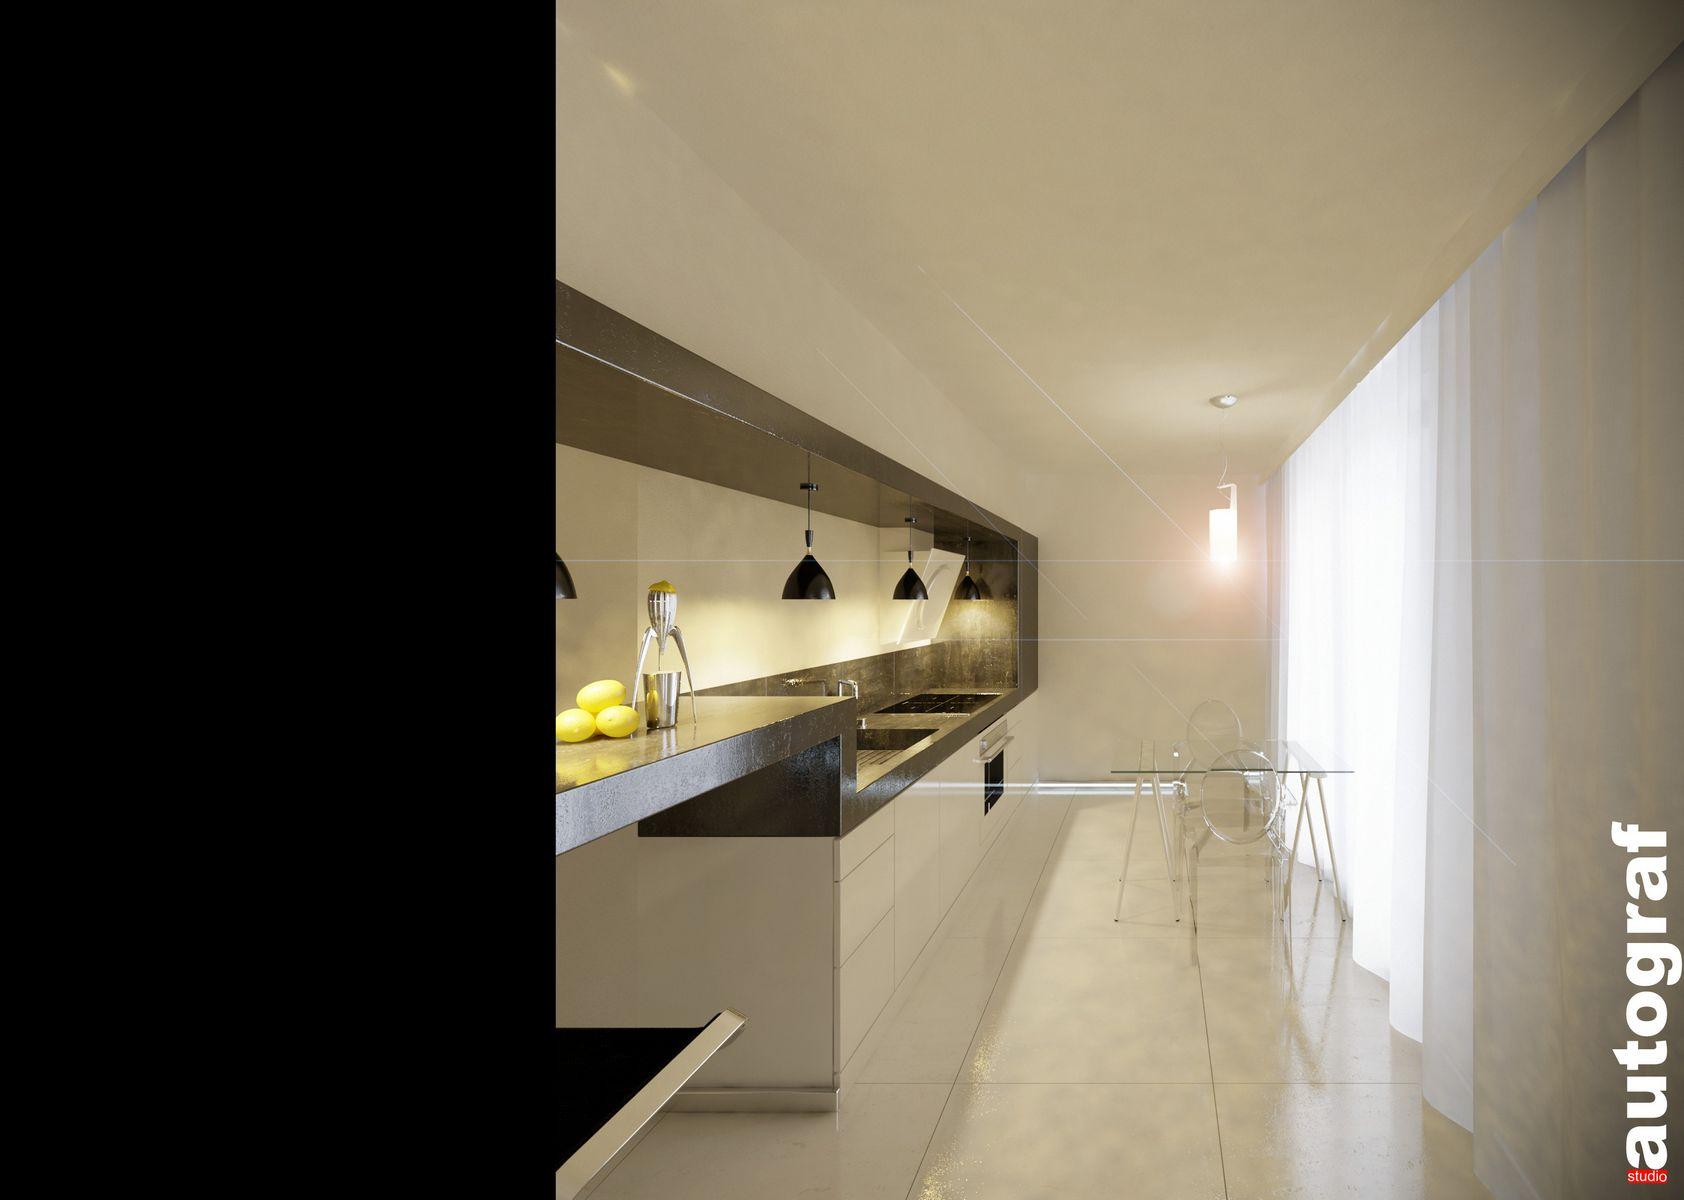 Apartament książąt pomorskich - wizualizacja 3